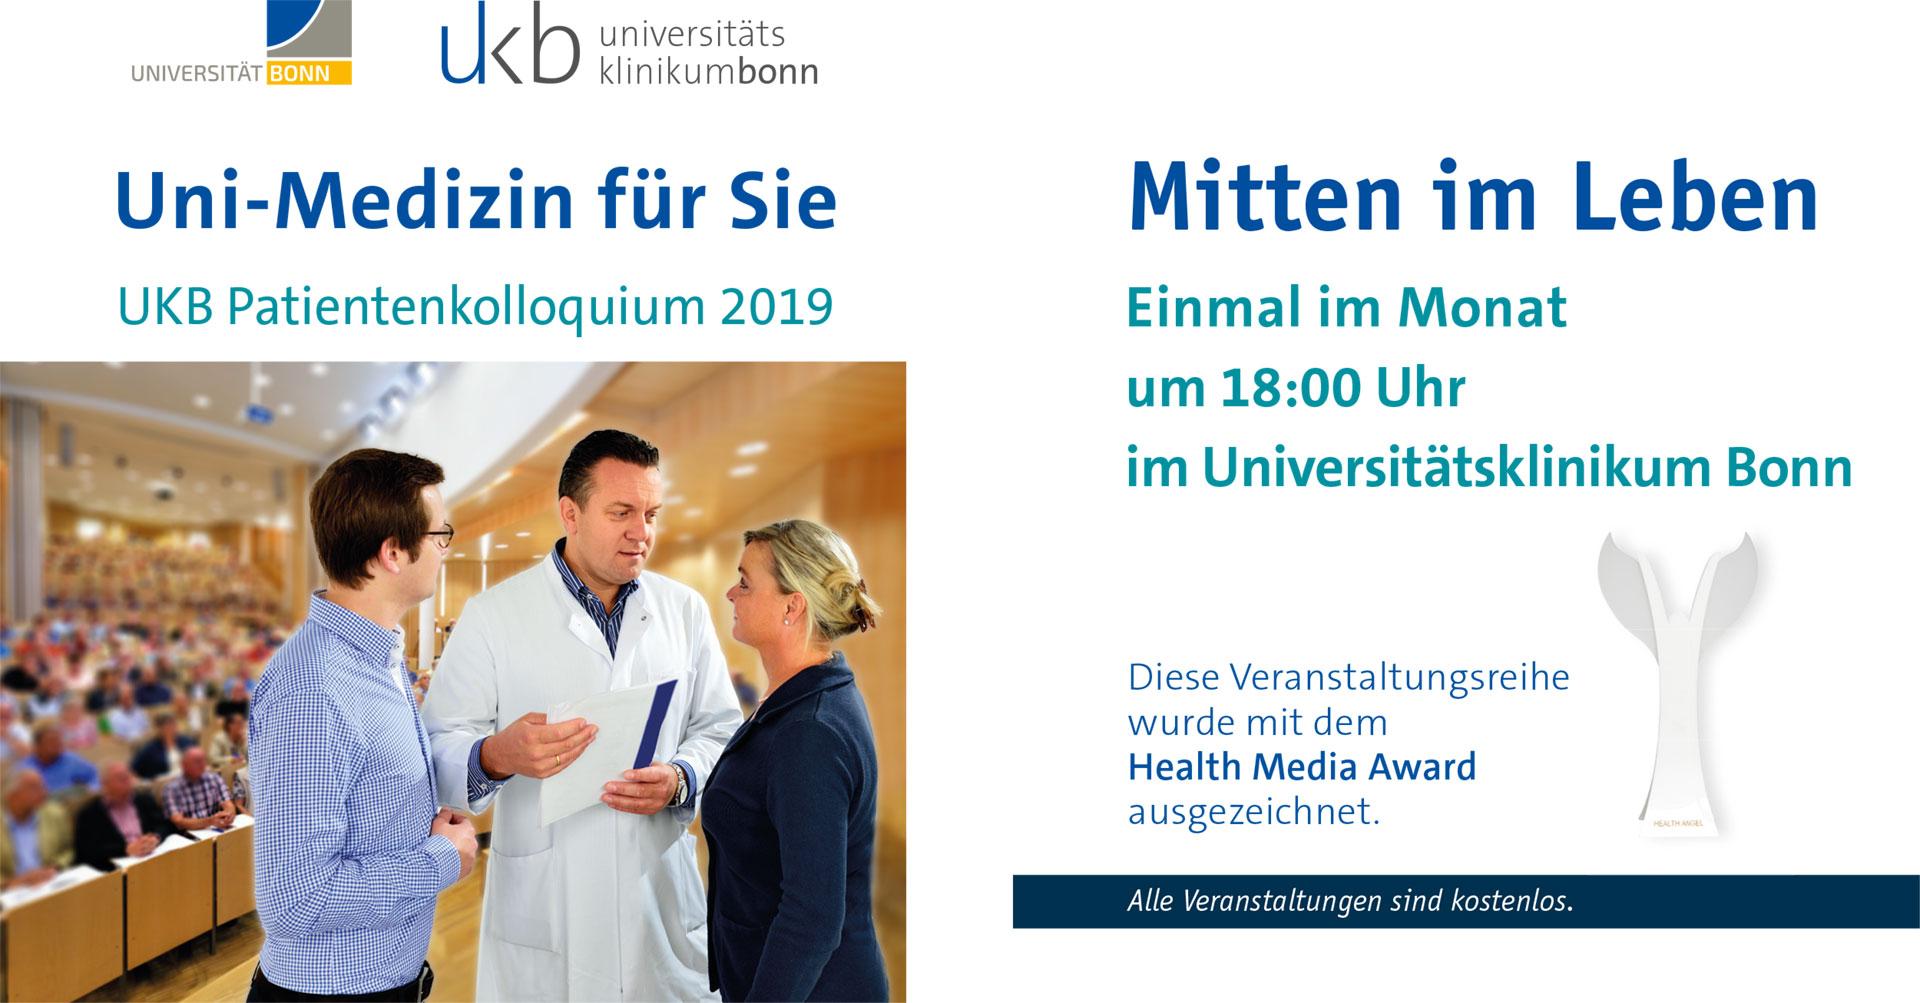 UKB Patientenkolloquium 2019